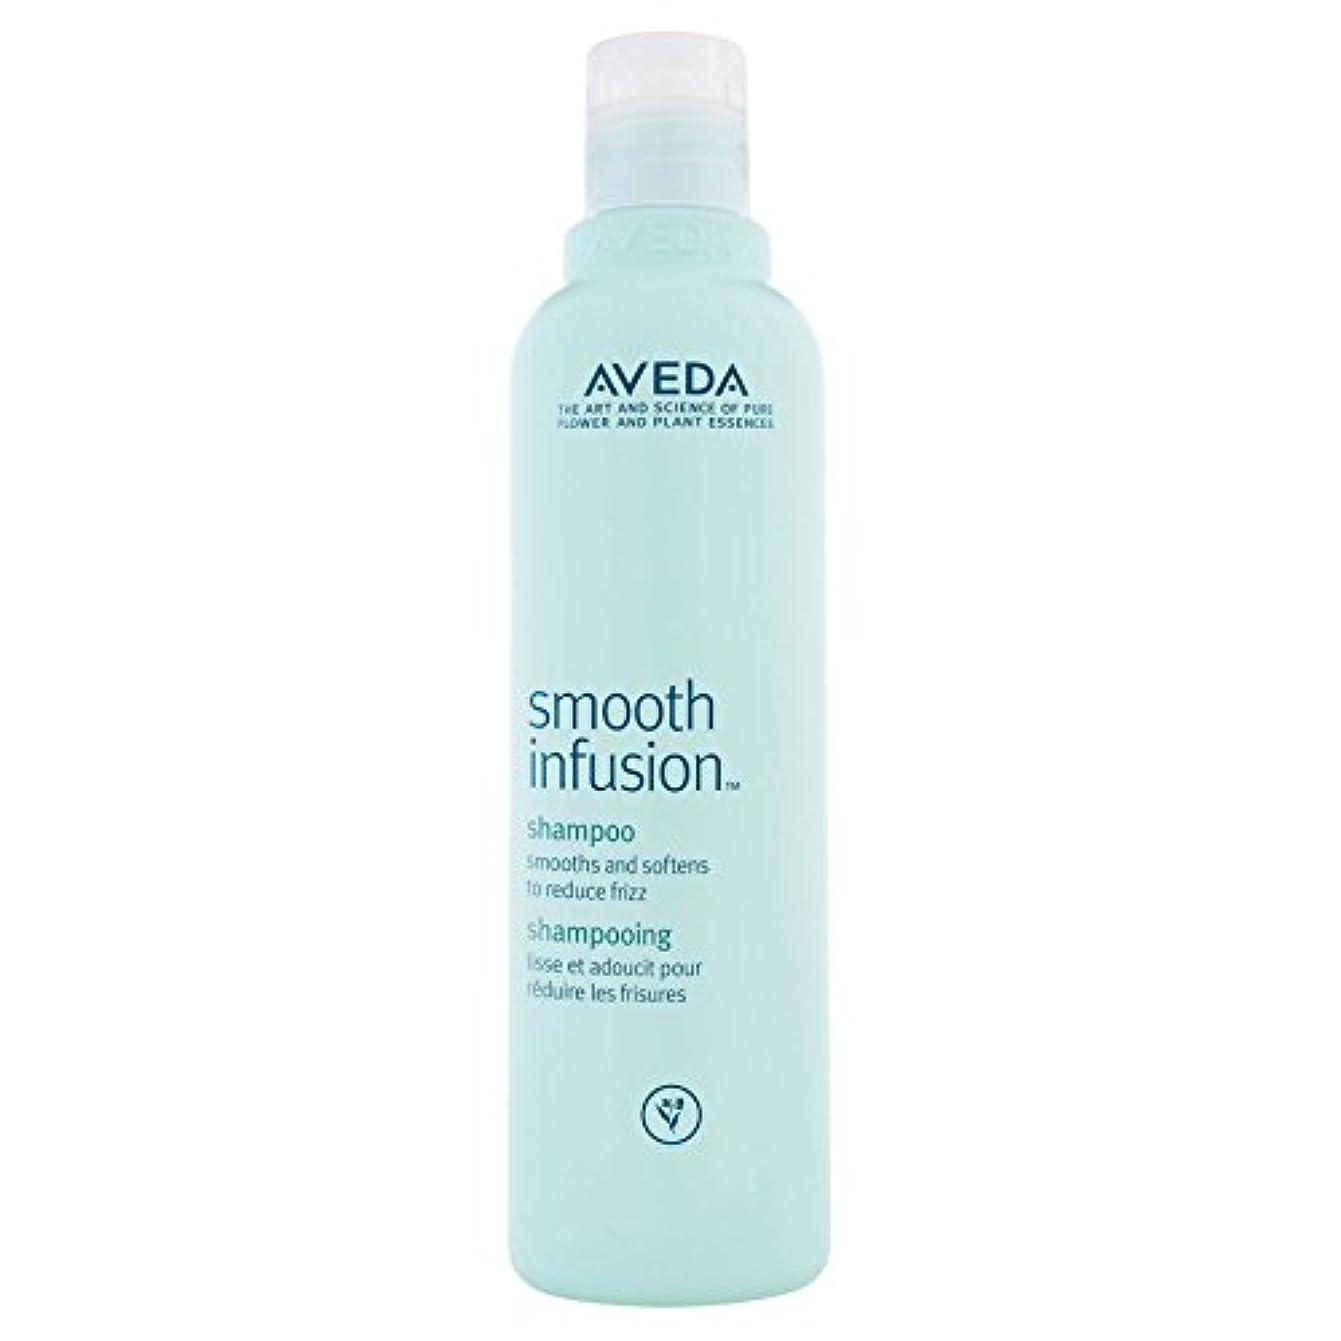 八百屋似ている待って[AVEDA] アヴェダスムーズインフュージョンシャンプー千ミリリットル - Aveda Smooth Infusion Shampoo 1000ml [並行輸入品]